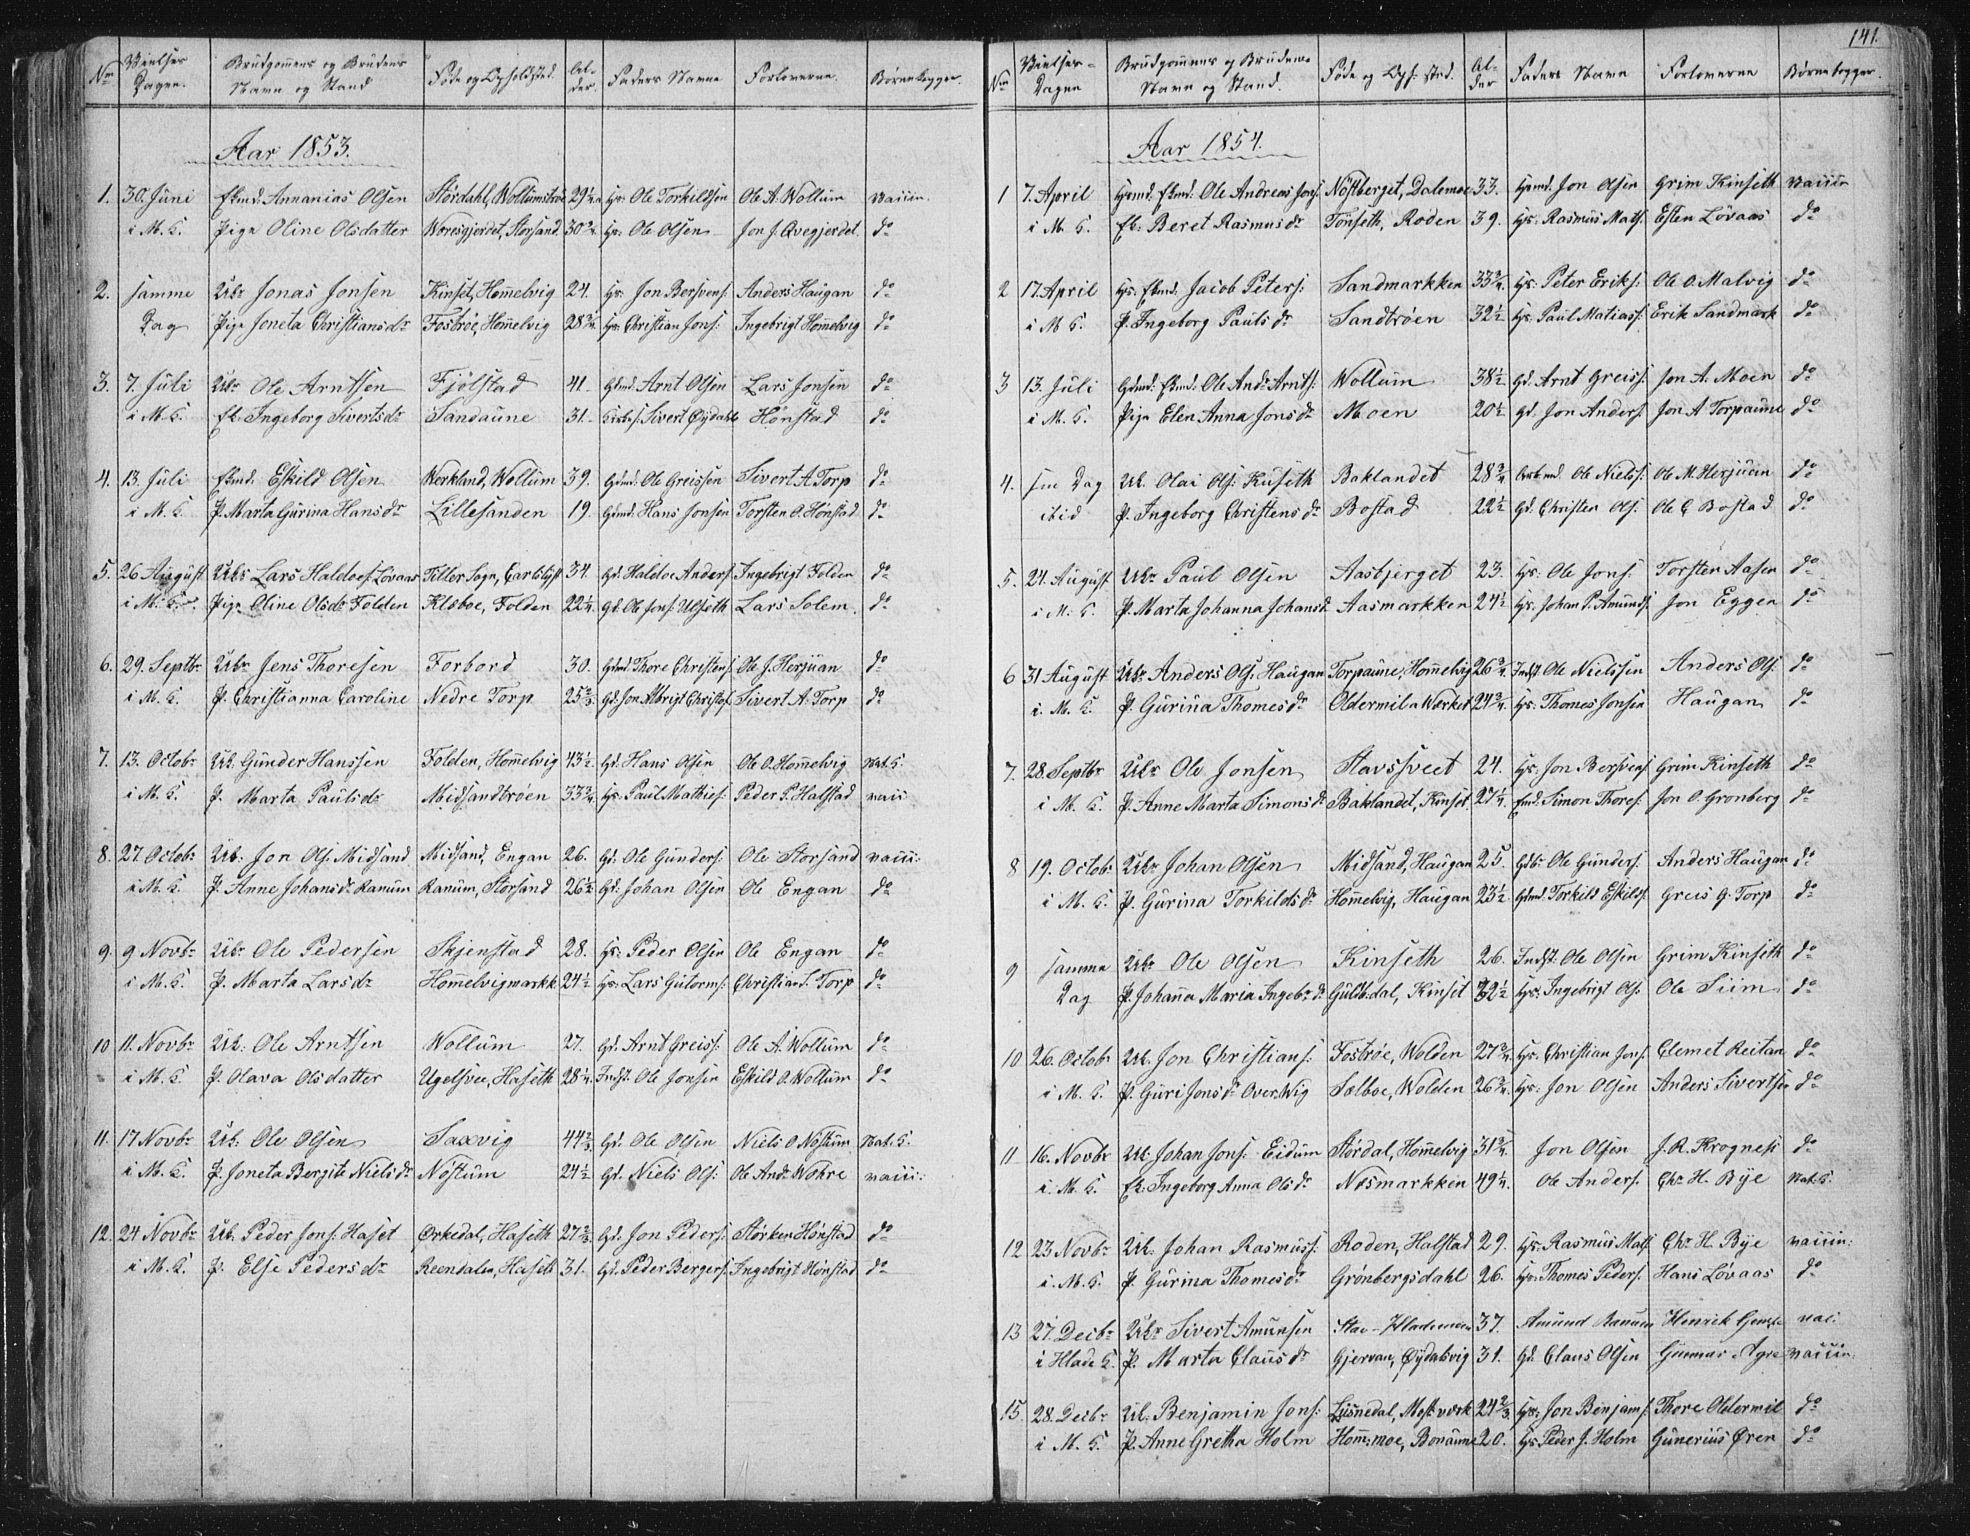 SAT, Ministerialprotokoller, klokkerbøker og fødselsregistre - Sør-Trøndelag, 616/L0406: Ministerialbok nr. 616A03, 1843-1879, s. 141